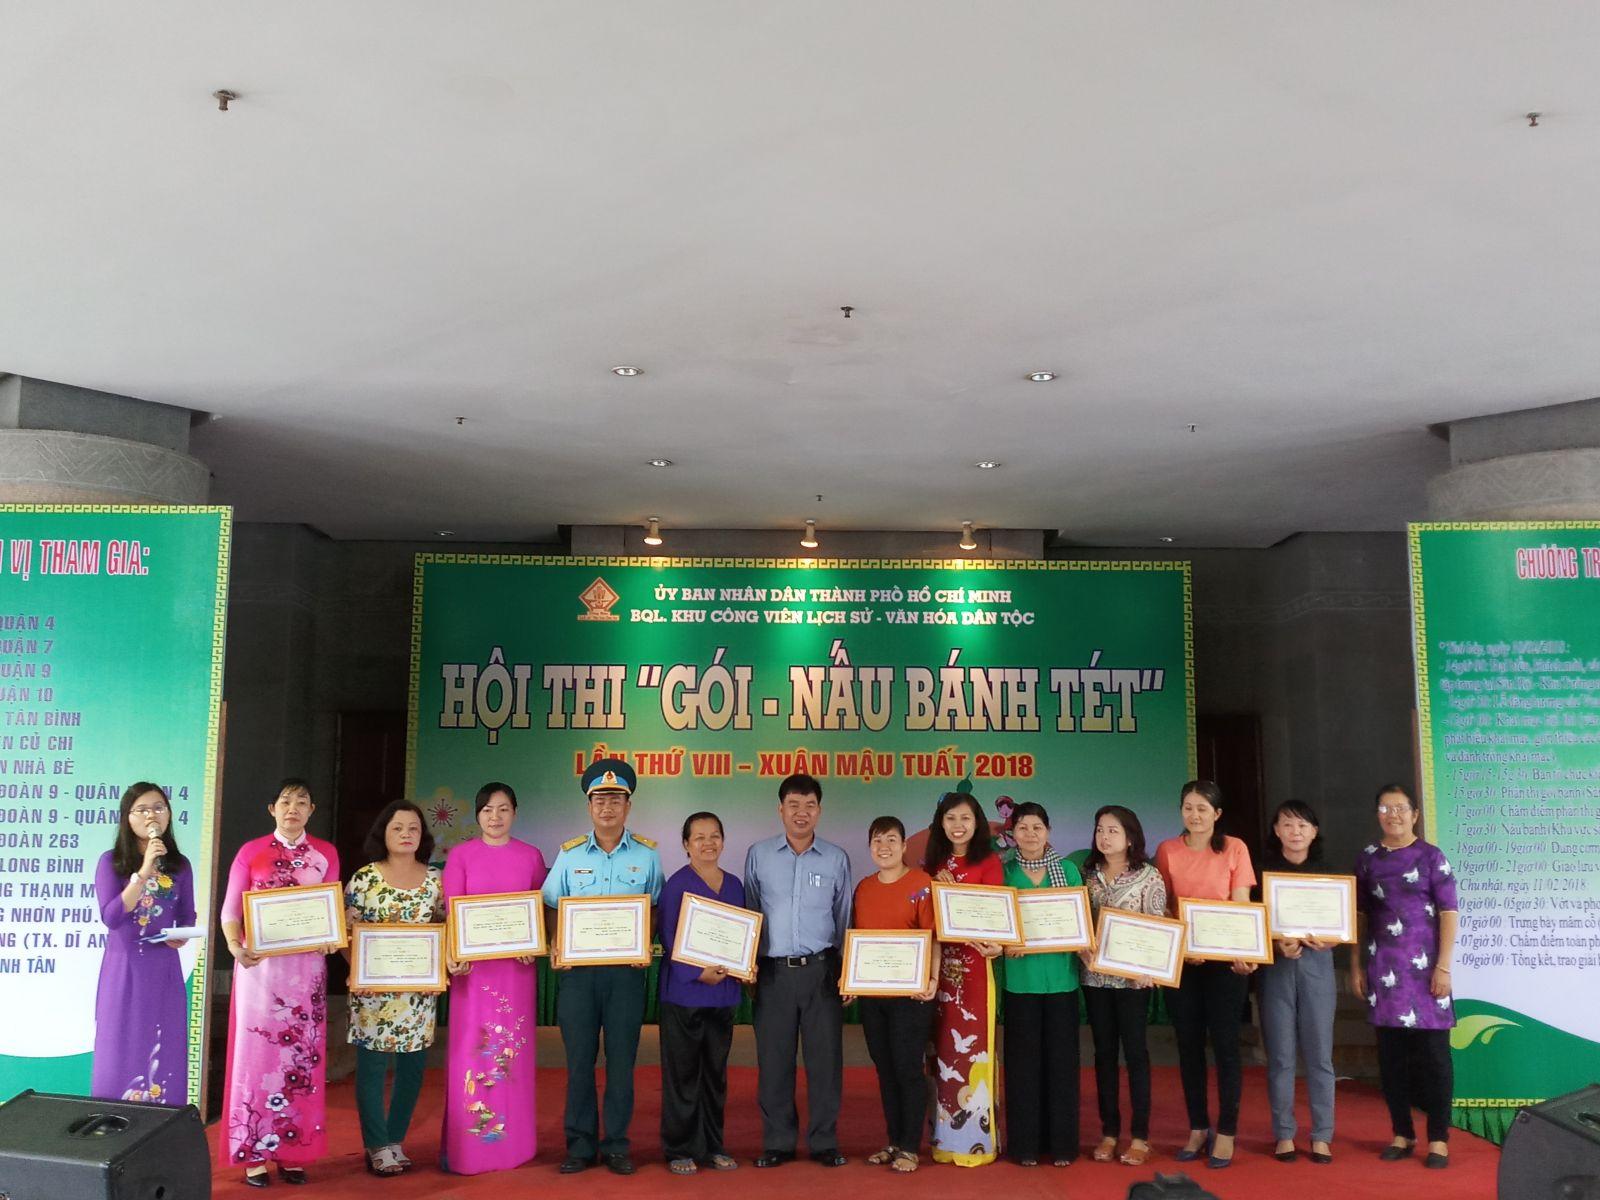 Tham gia Hội thi Gói - Nấu bánh tét Cấp Thành